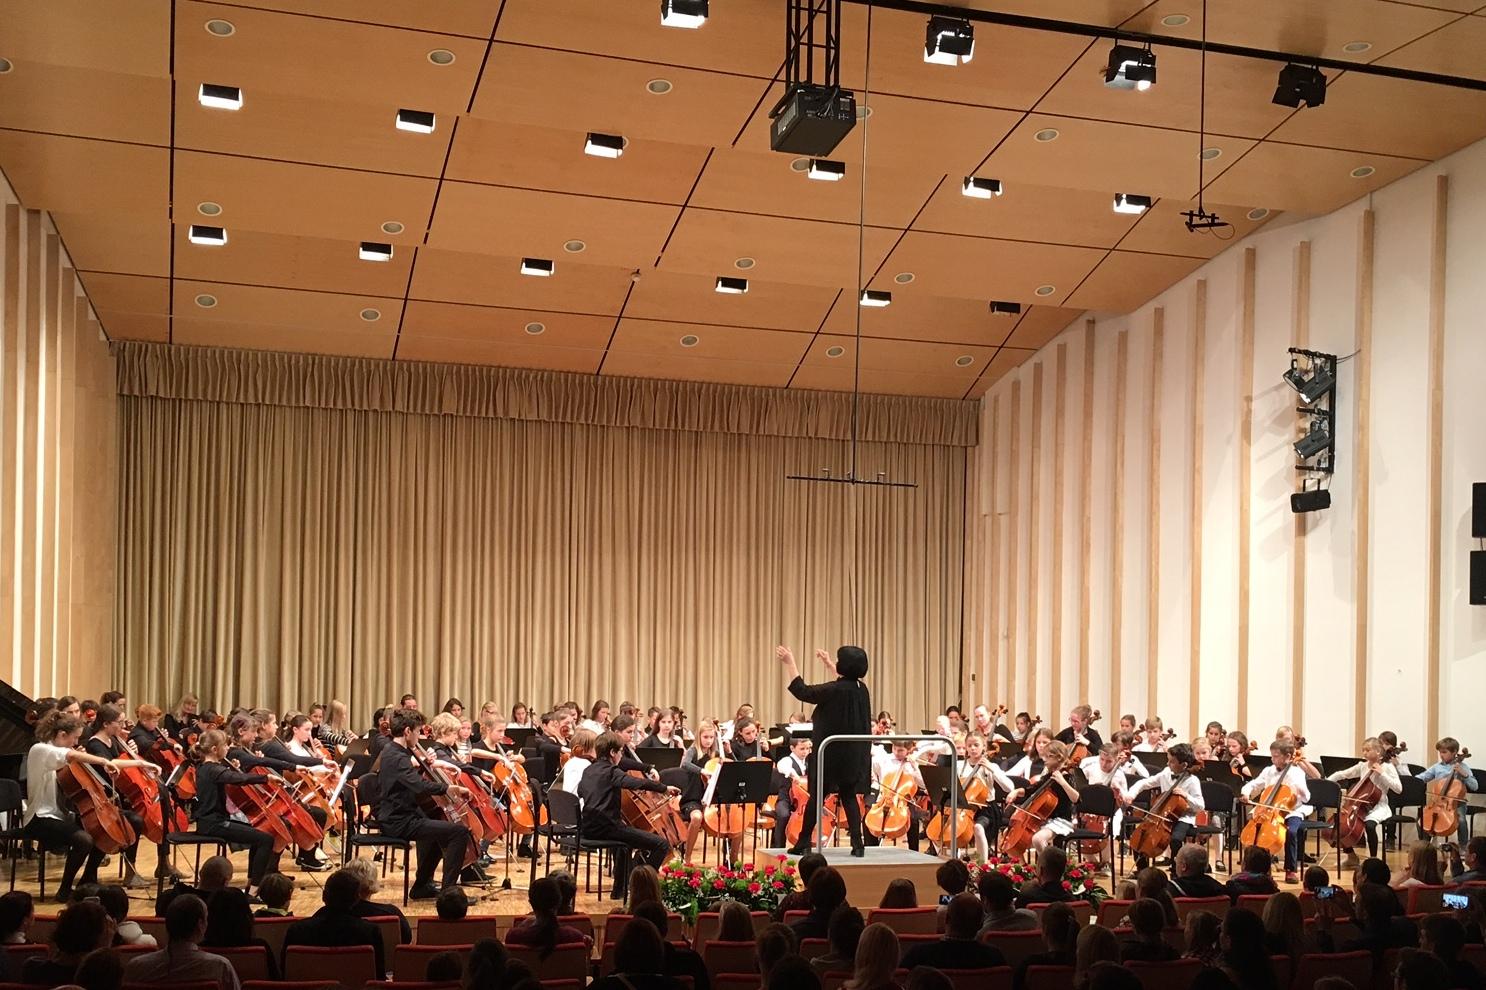 Orkester najmlajših violončelistov